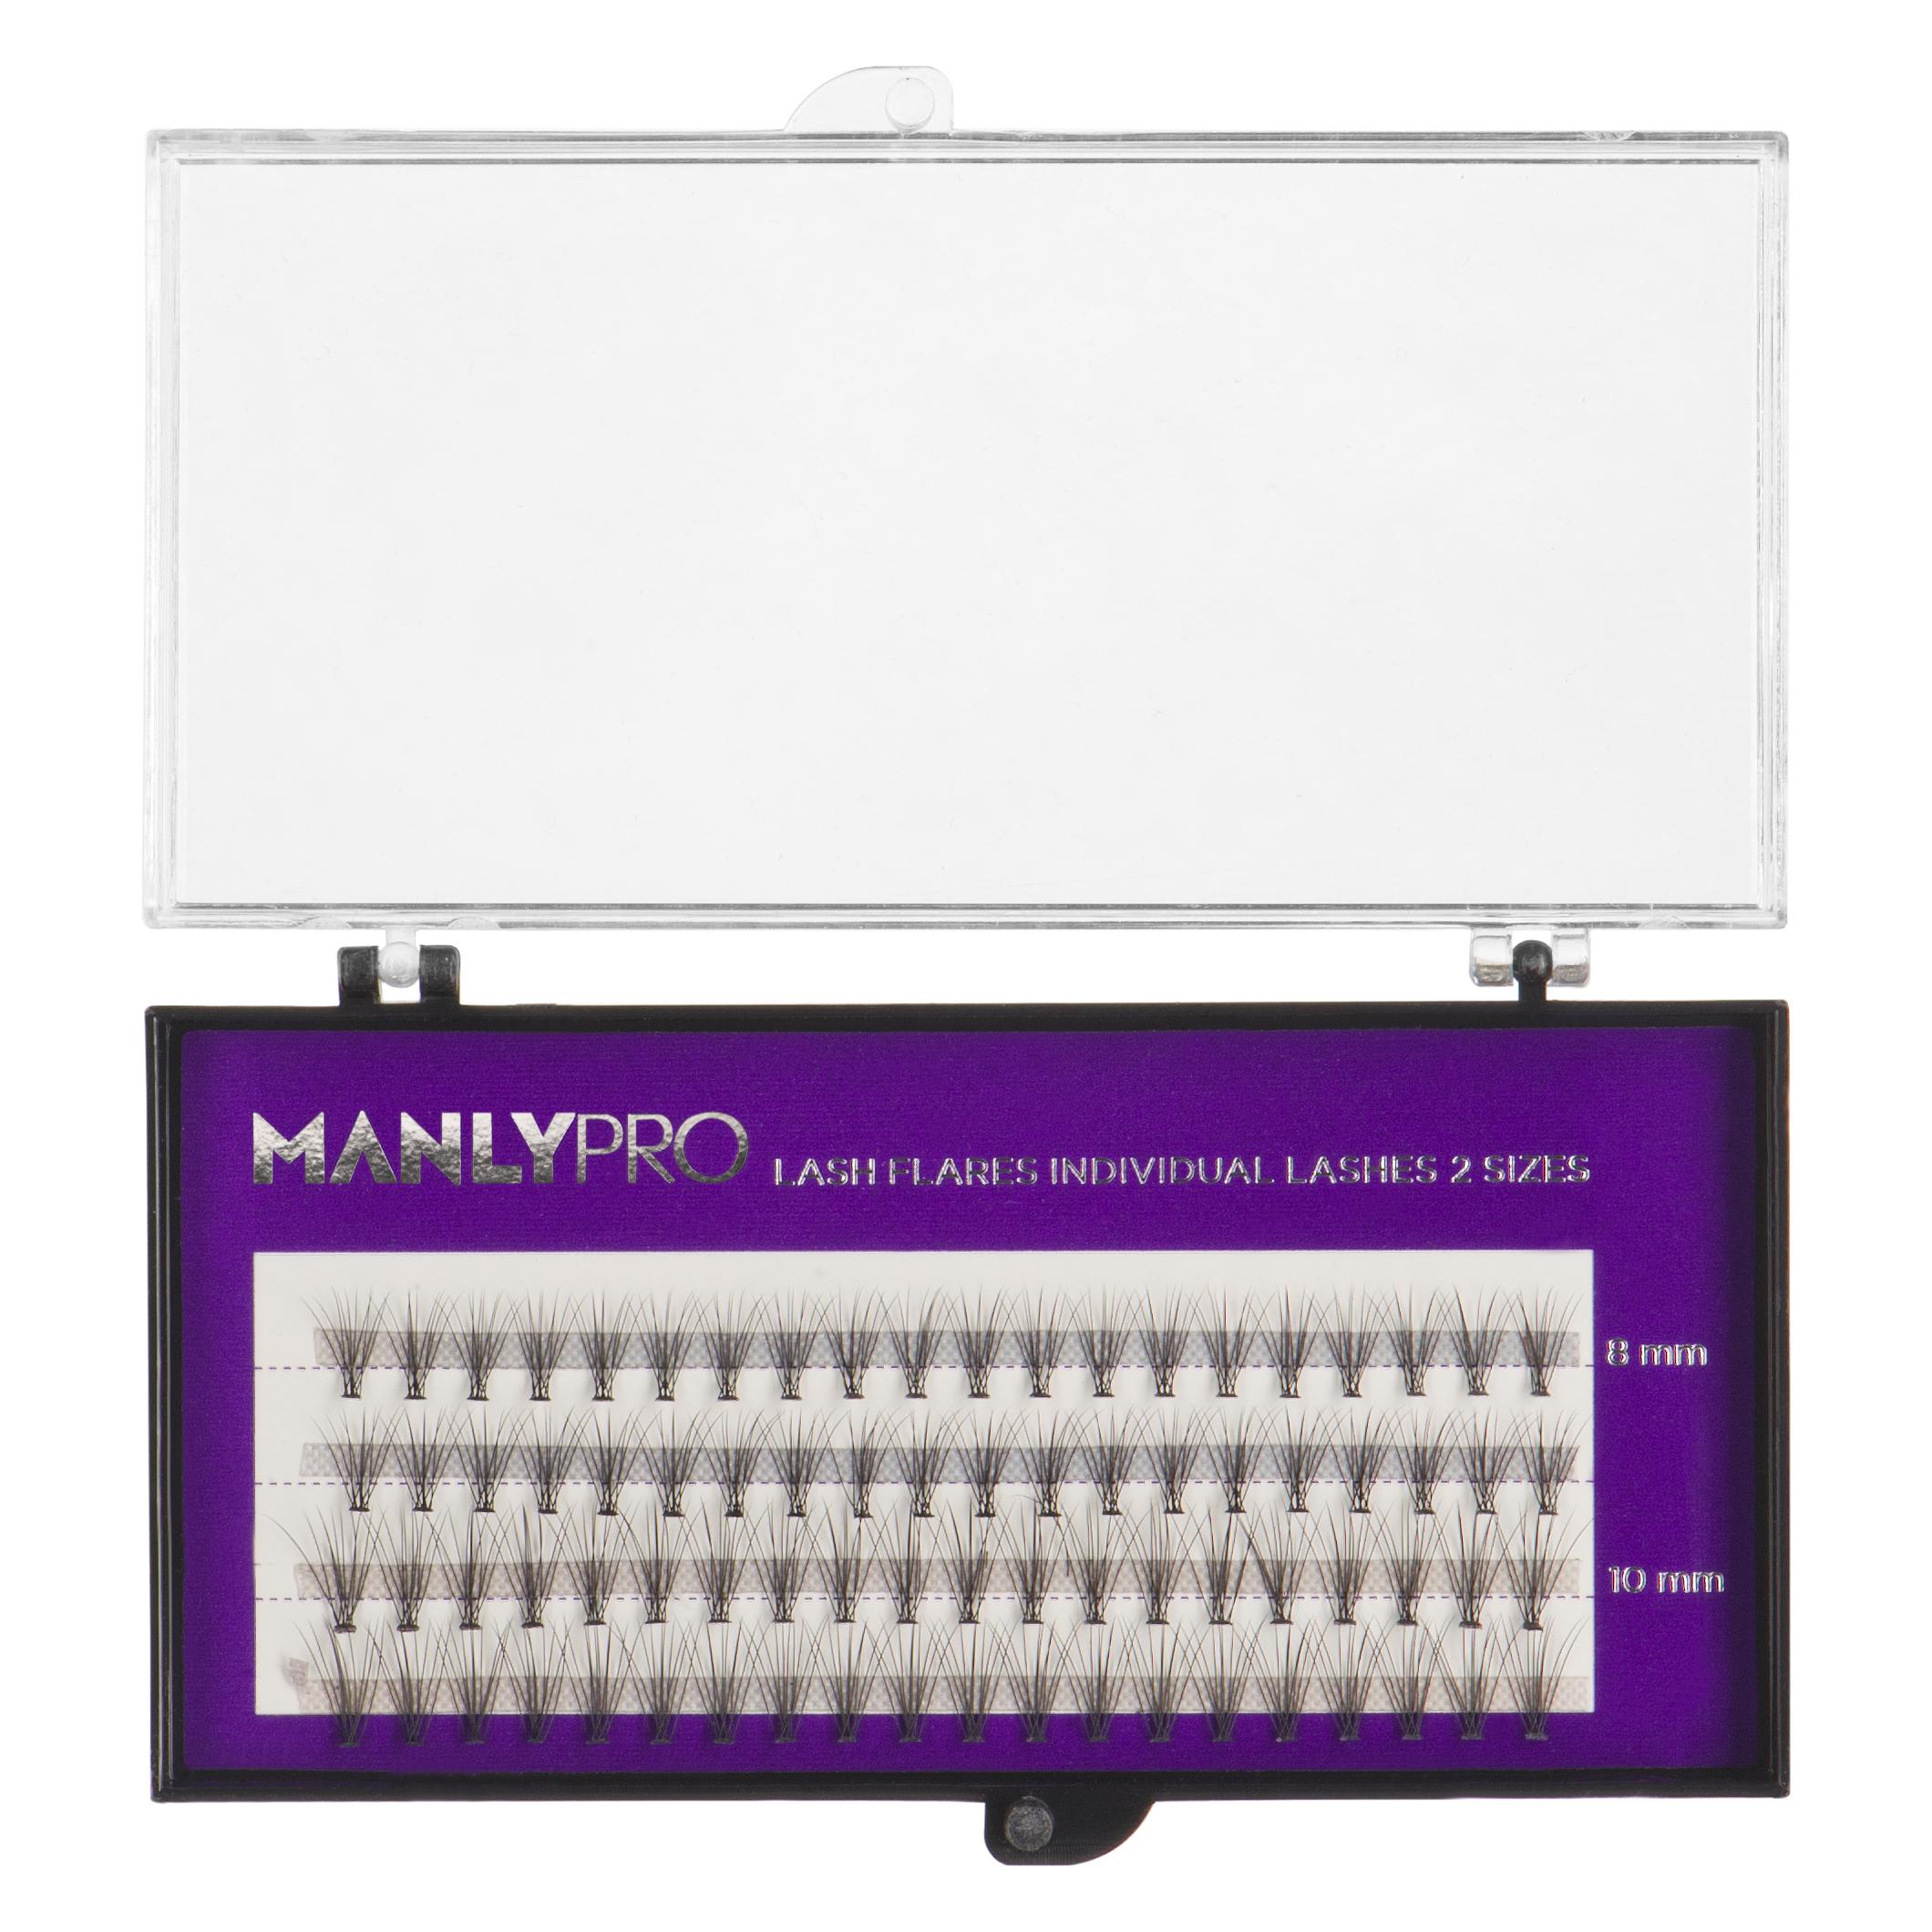 Набор ресниц в пучках Manly Pro шелк 8, 10 мм РП08: фото